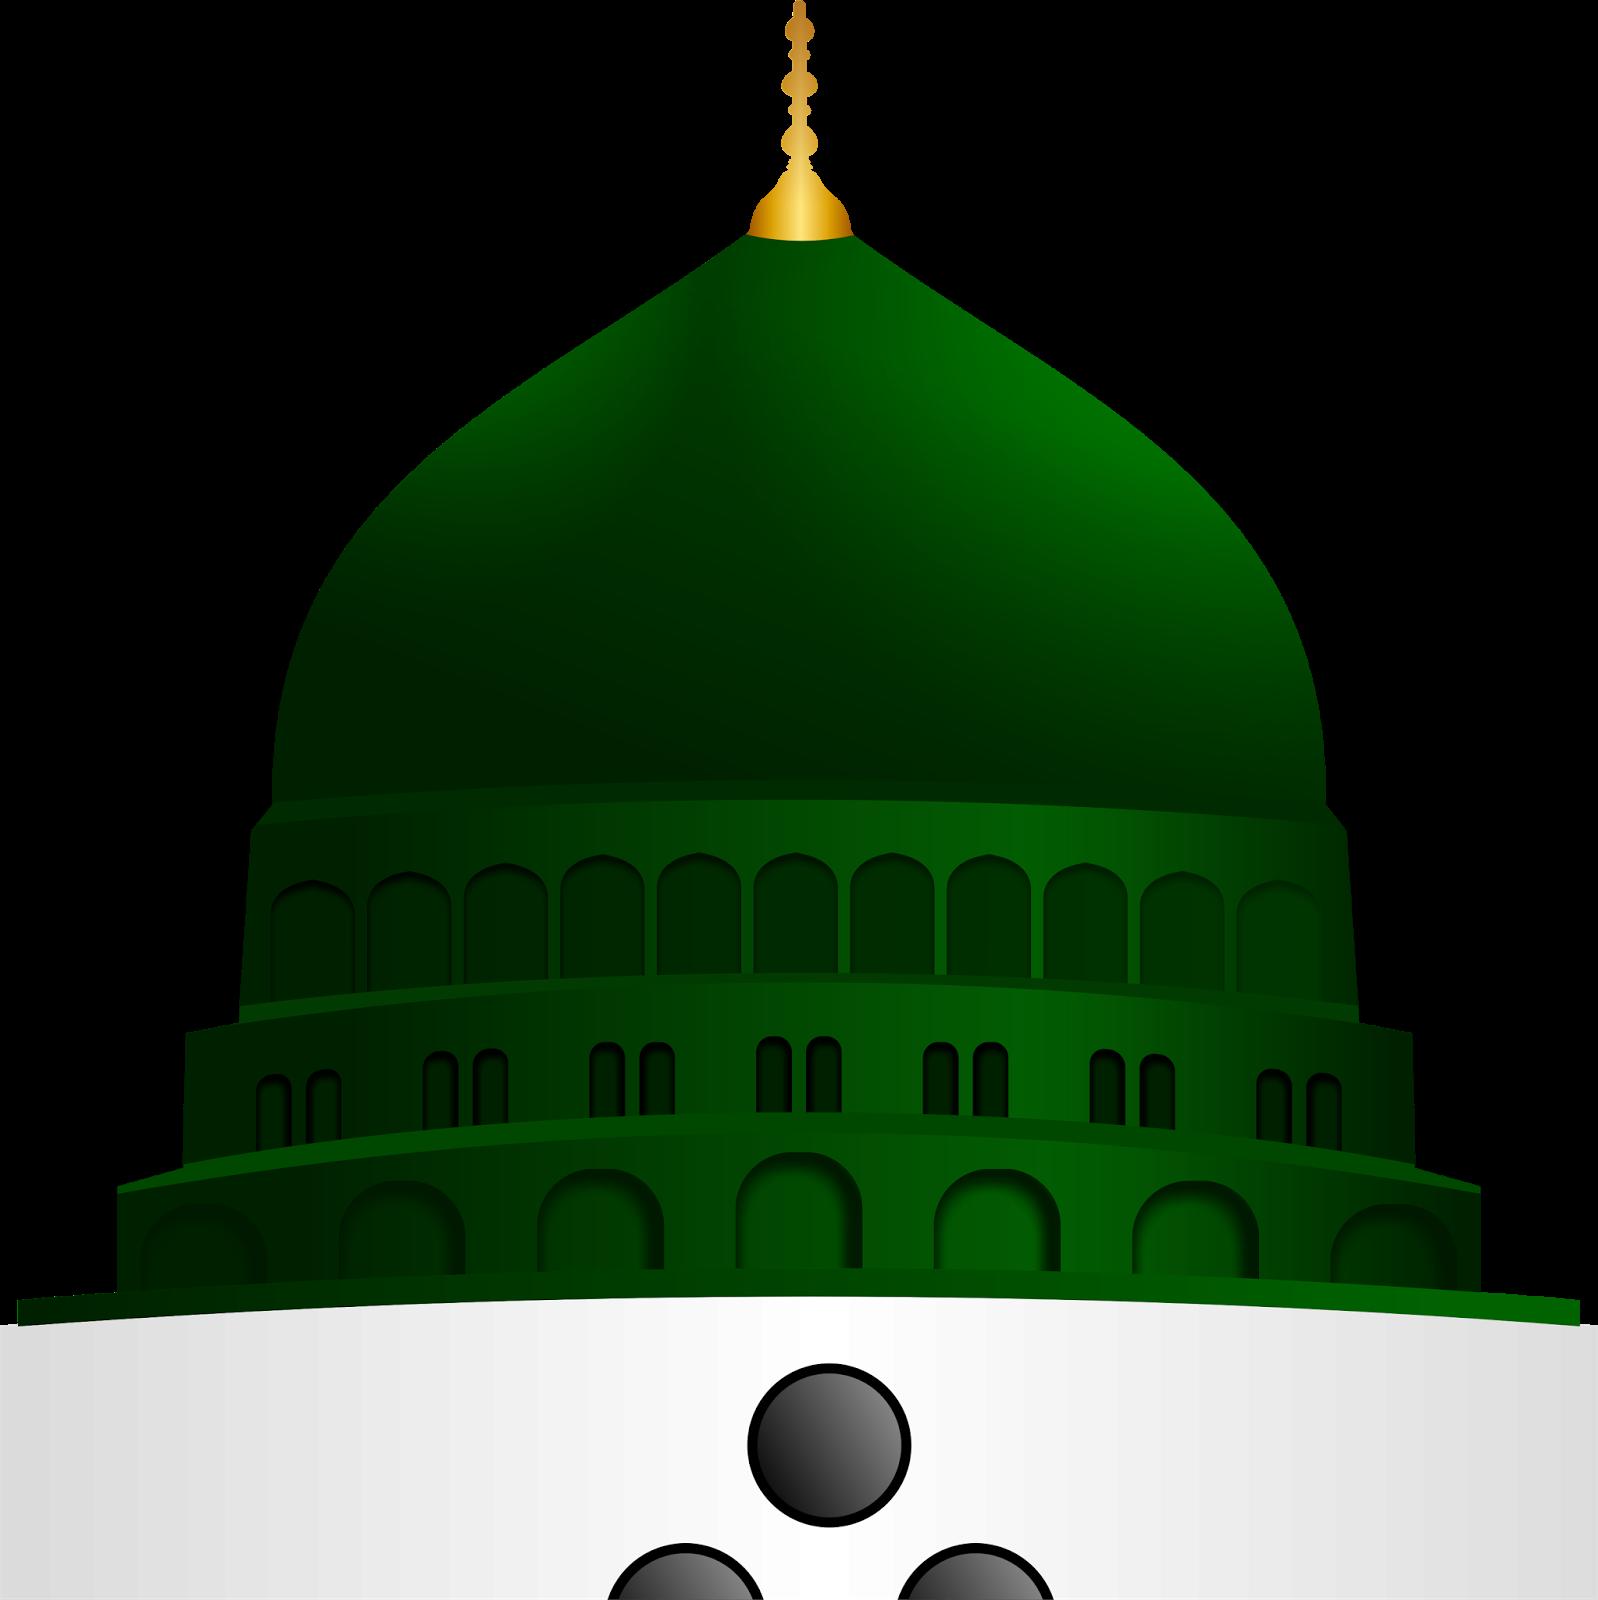 Gumbad e khizra vector. Mosque clipart madina mosque